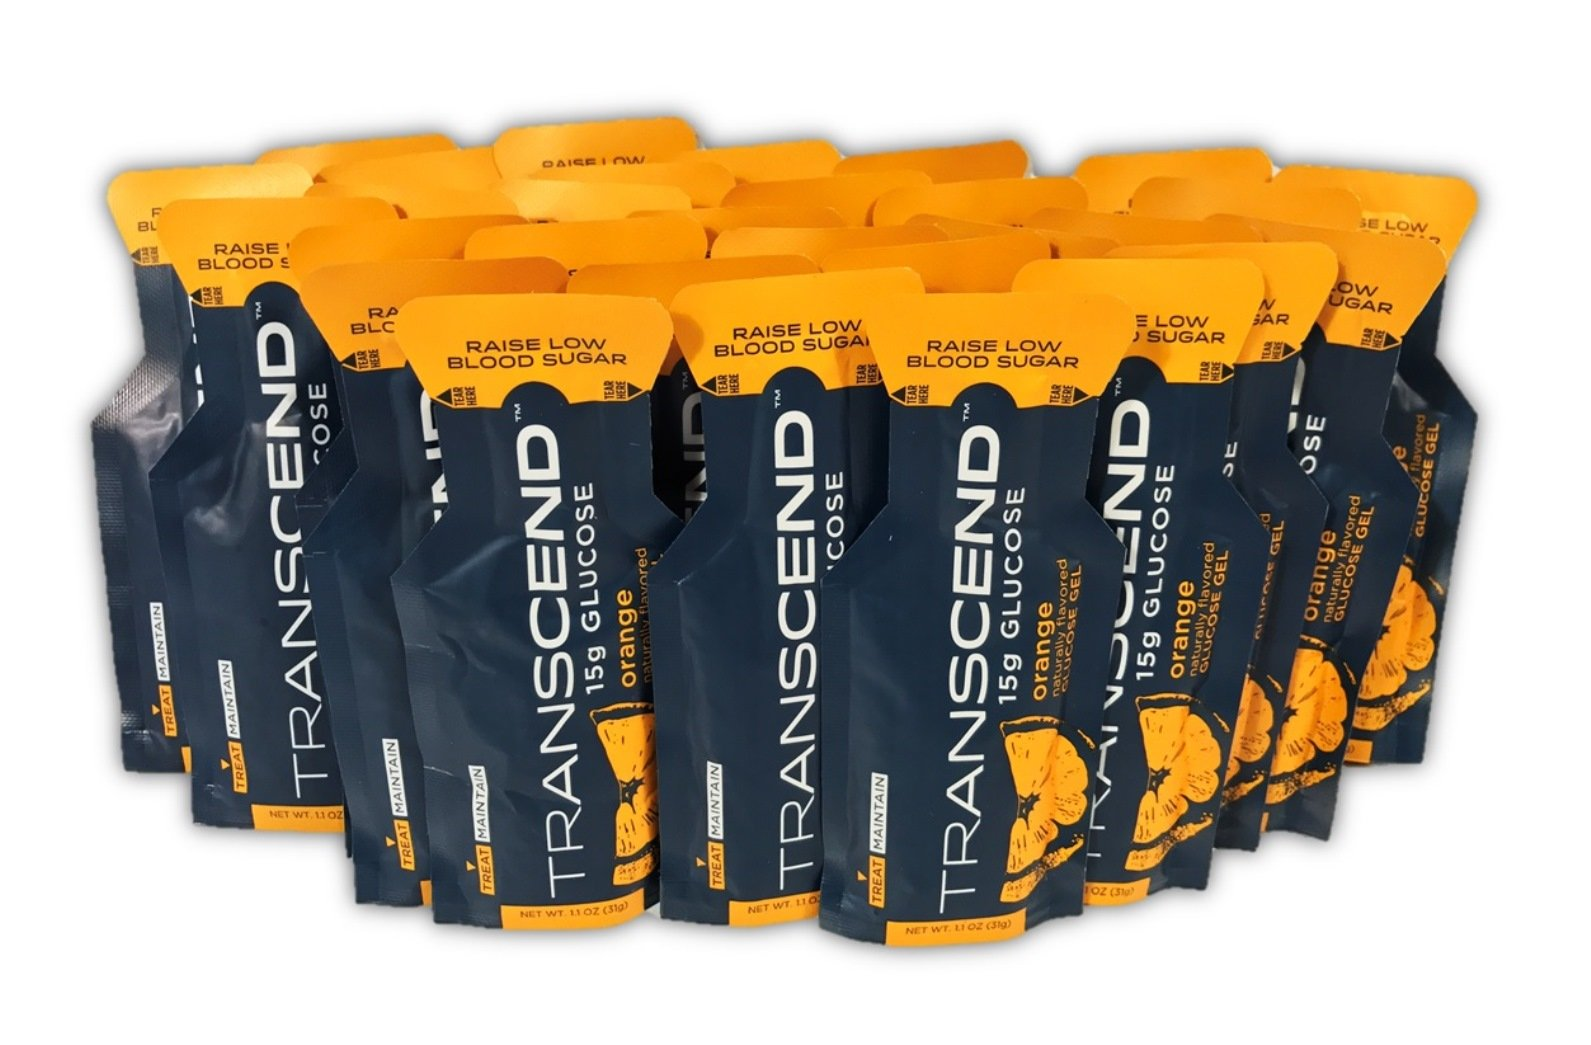 TRANSCEND Orange-Flavored Glucose Gels - 15gram packets (30)